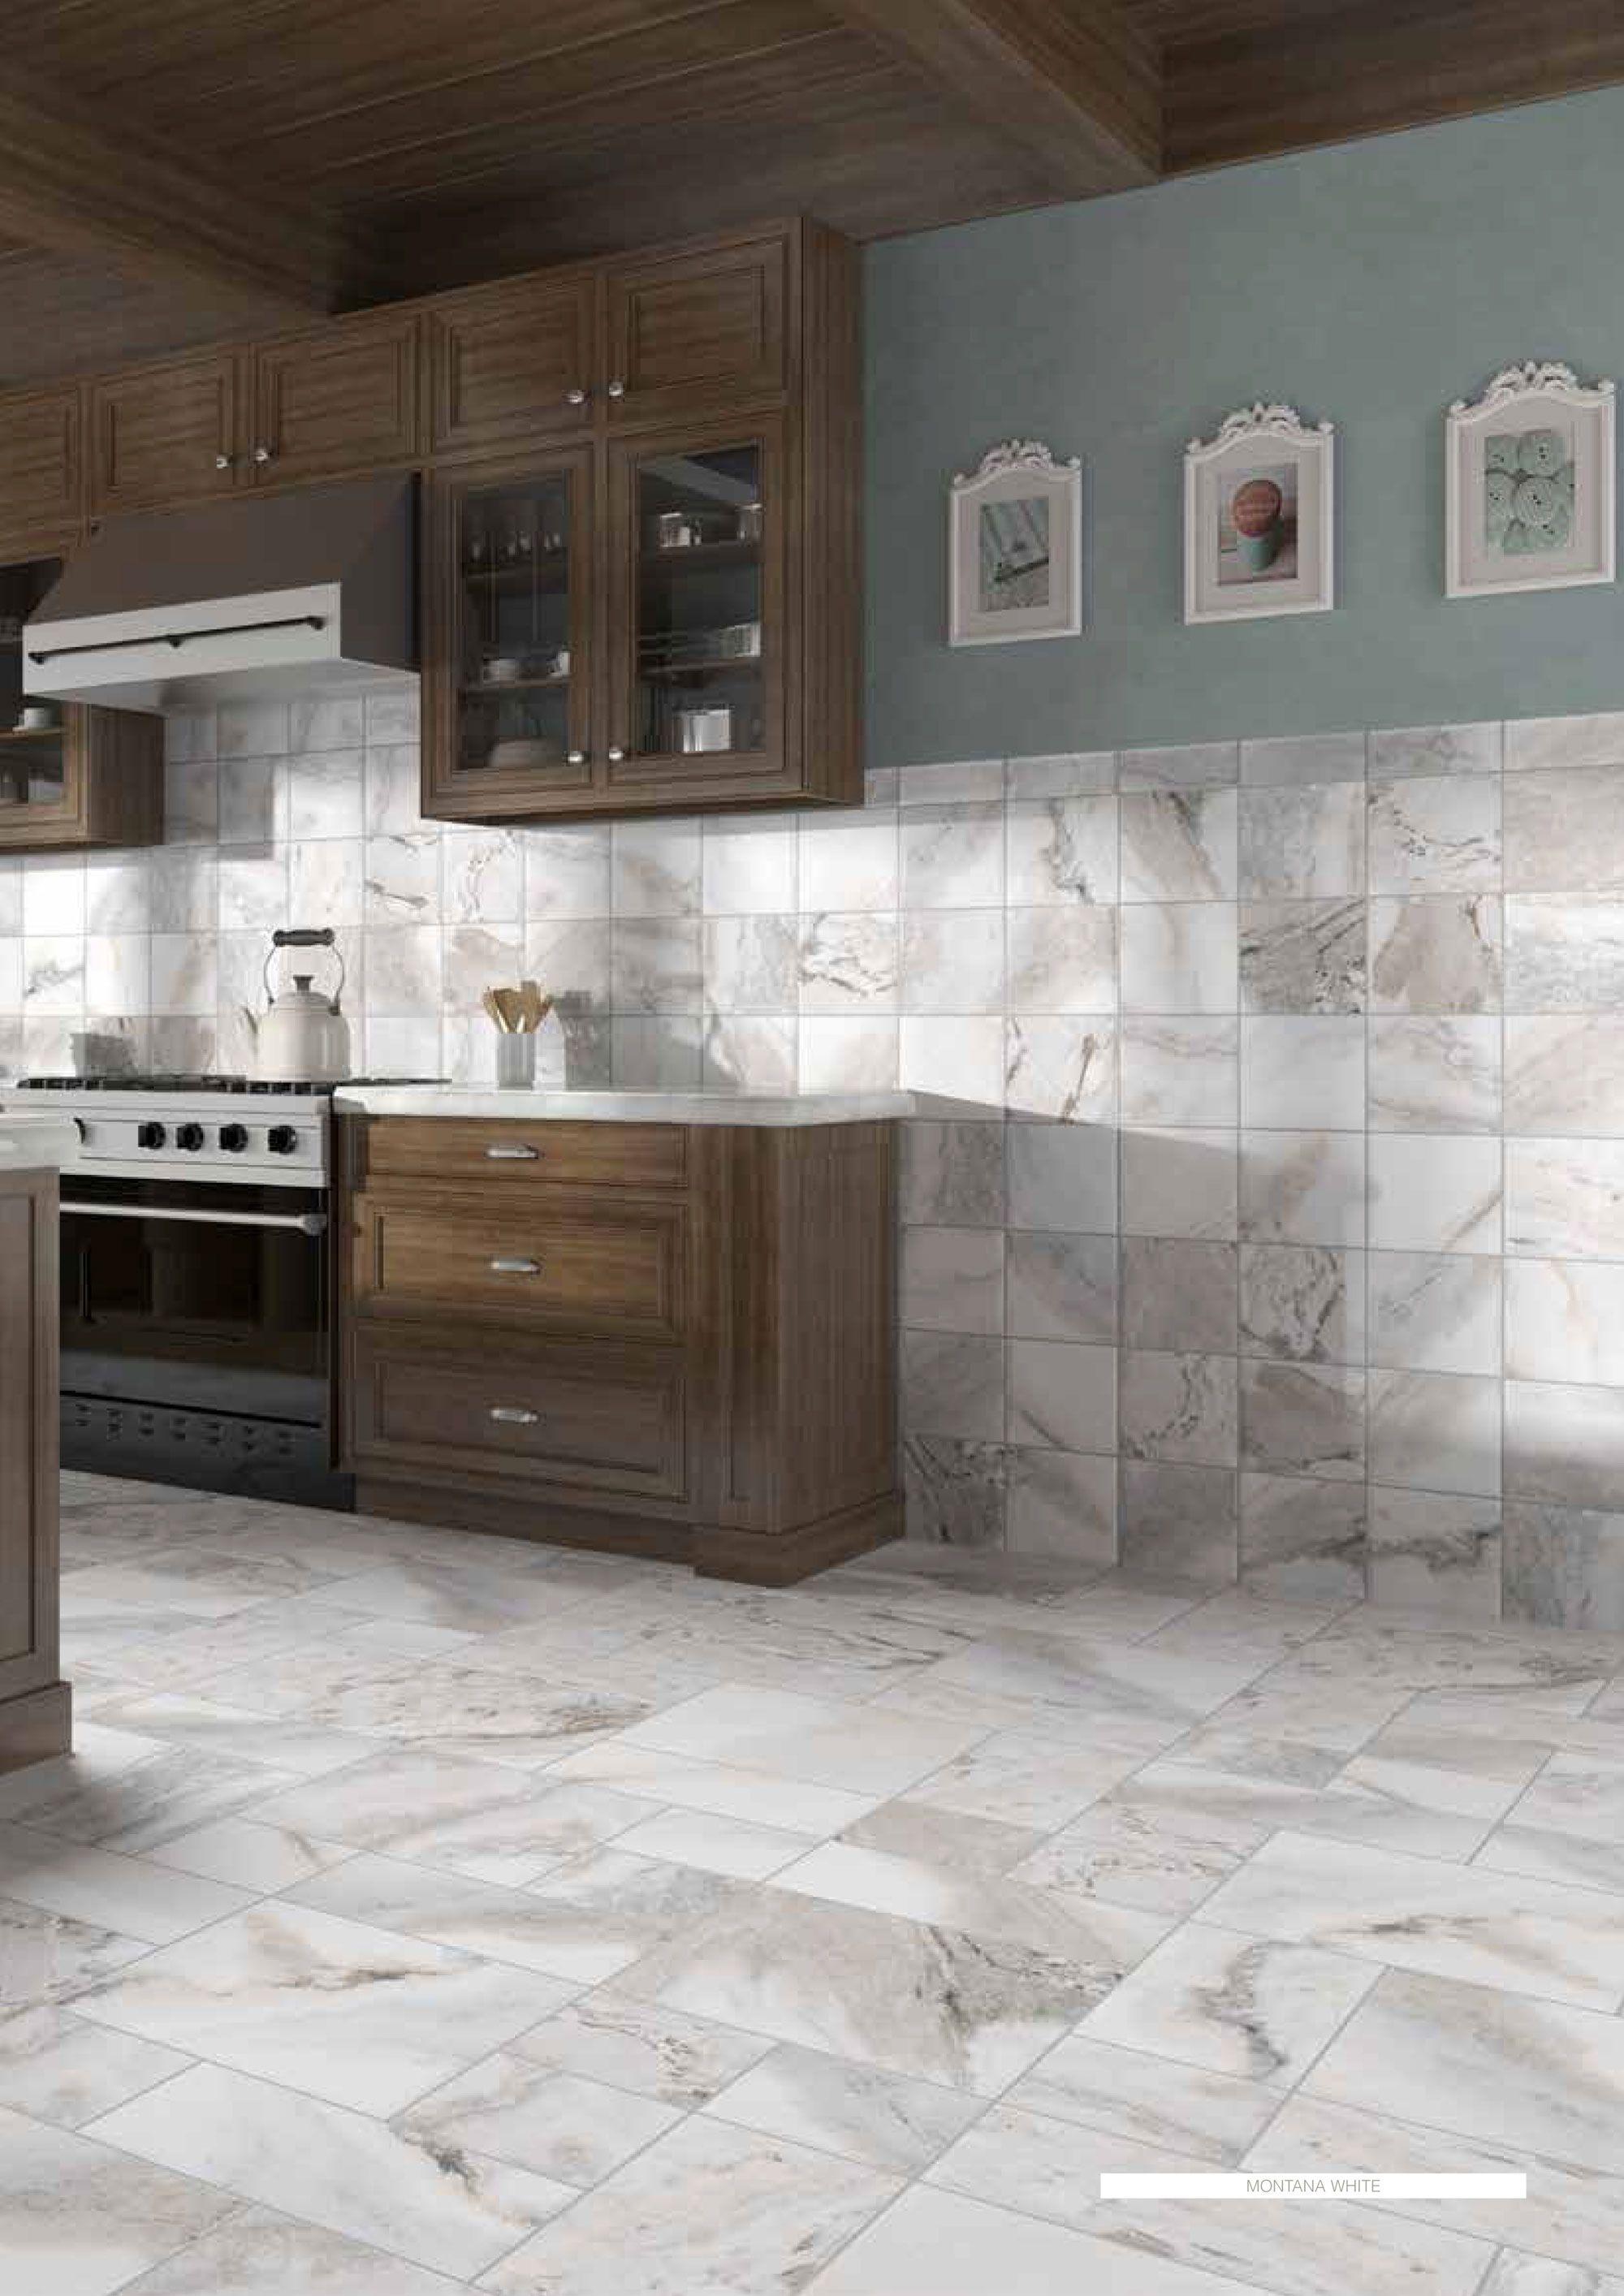 Cer micas en 2019 cer mica gibeller decoraci n de unas - Pavimentos ceramicos interiores ...